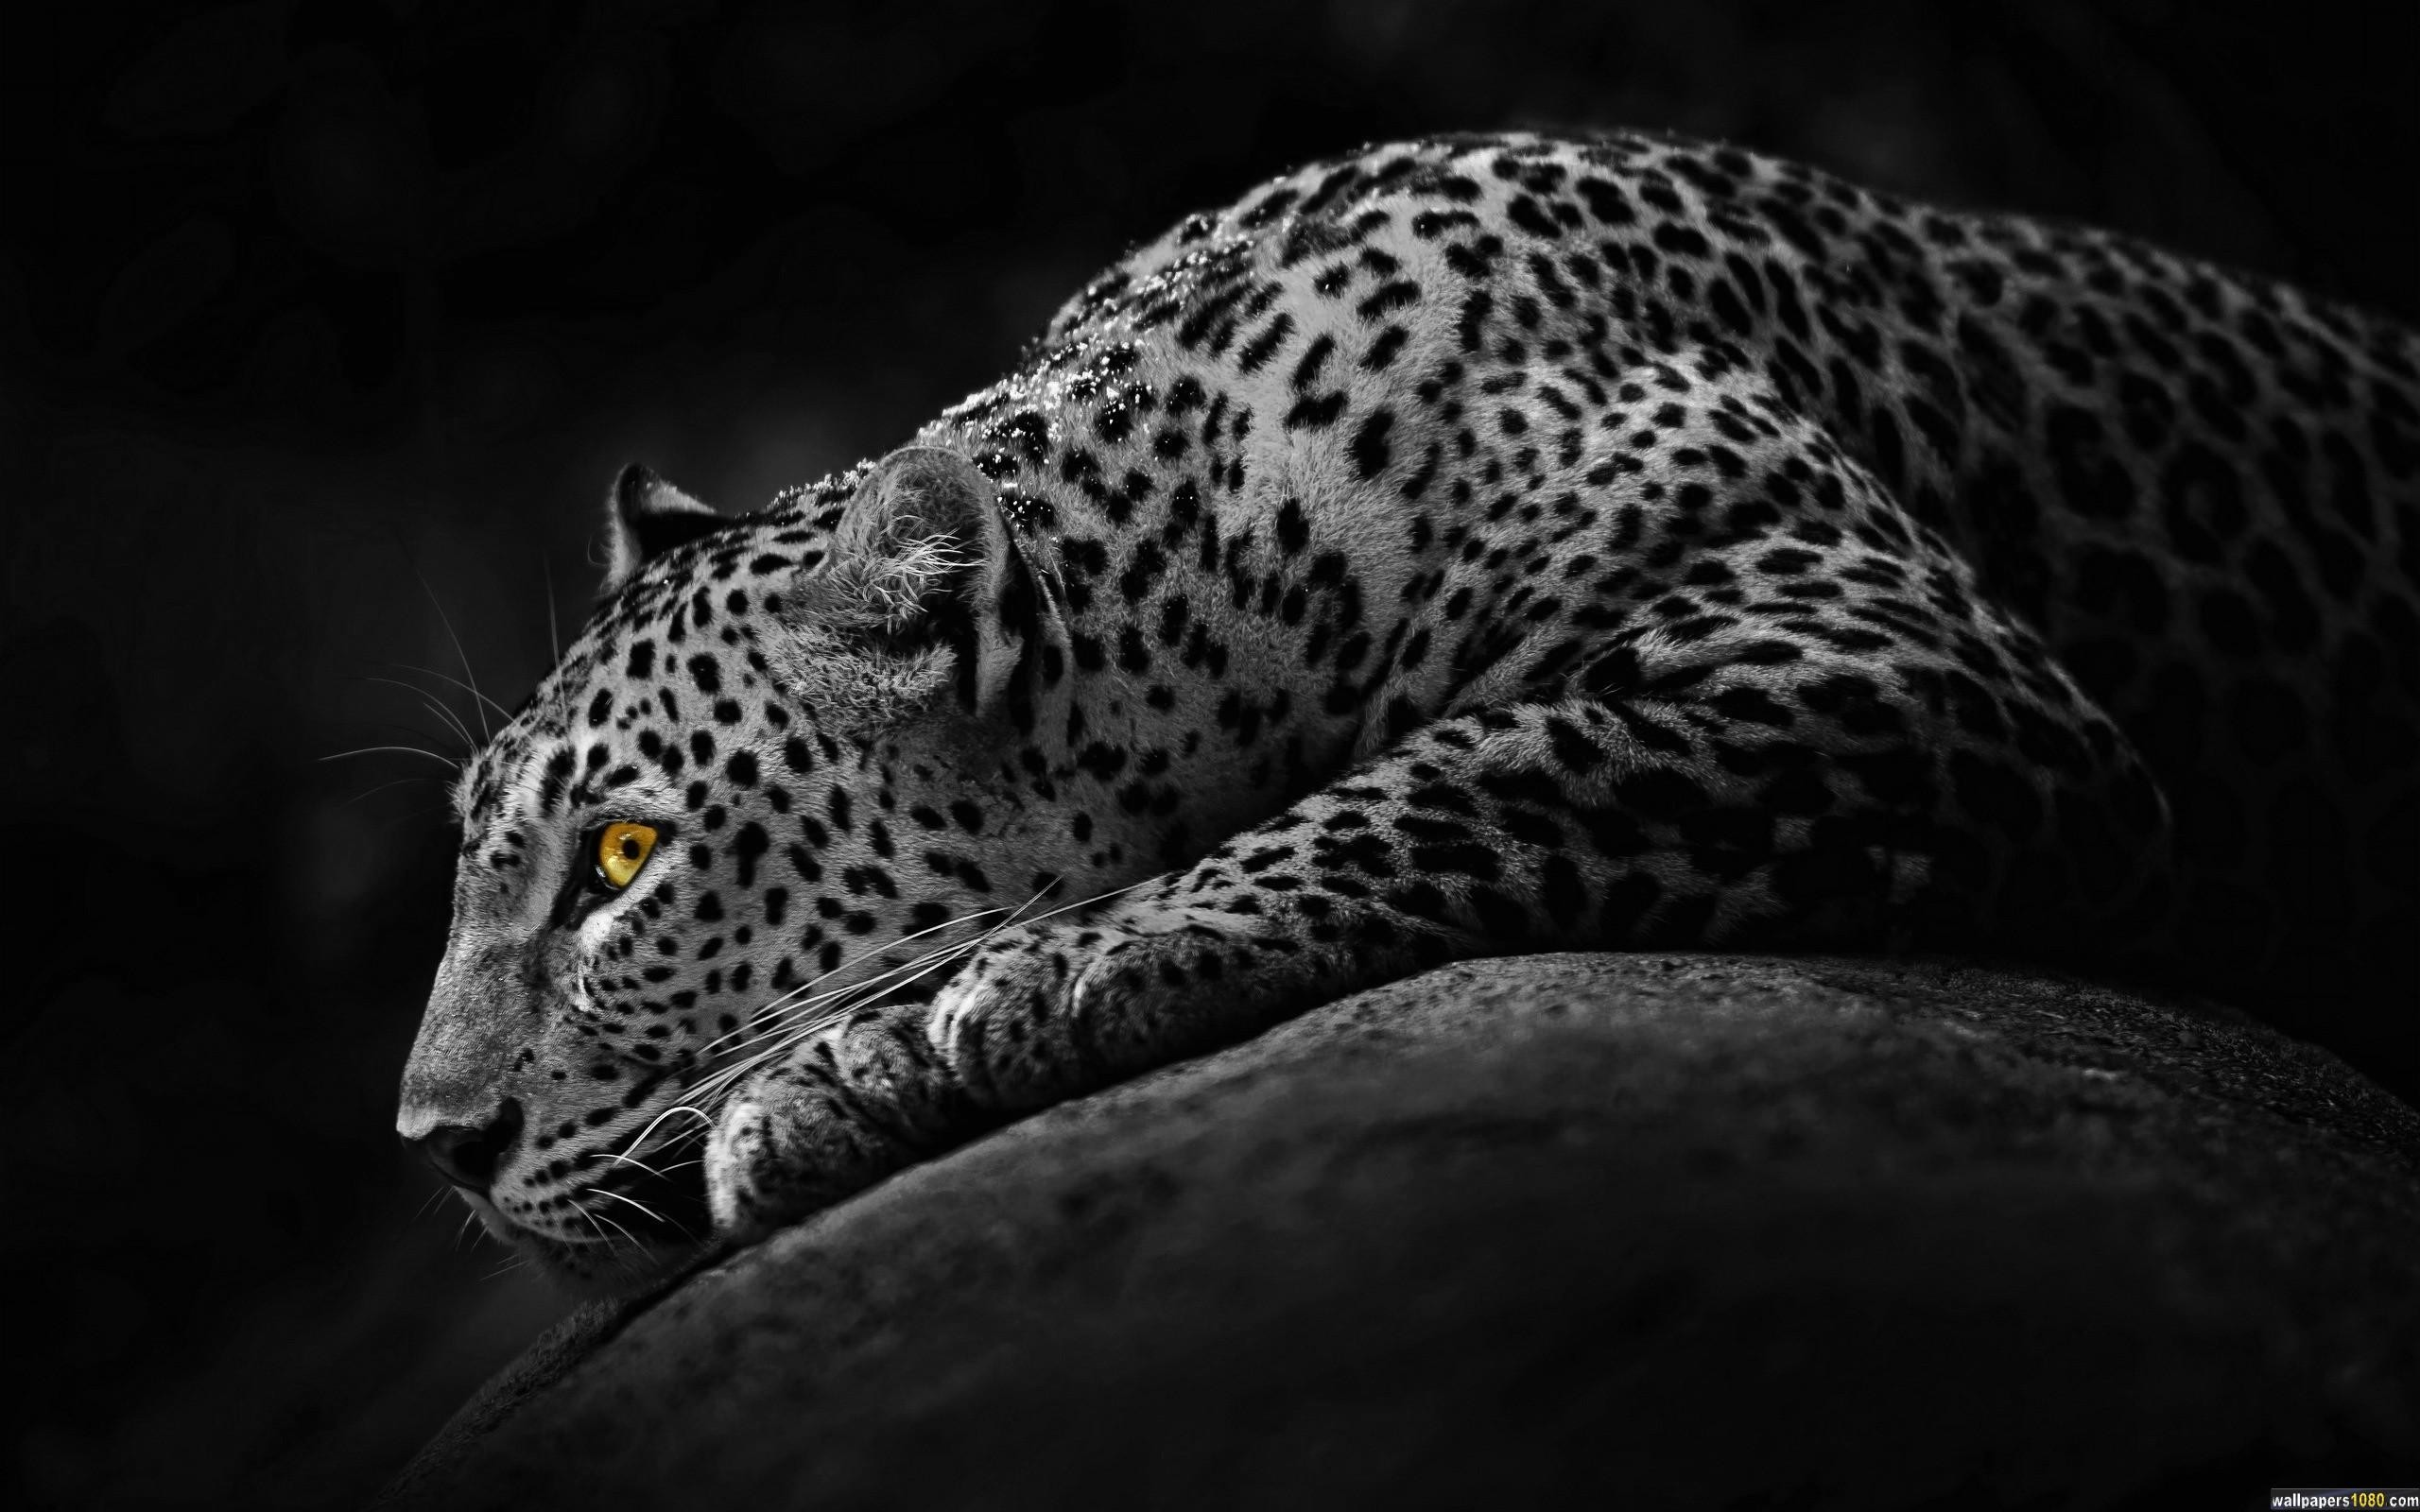 Download Black Dark Jaguar Windows 10 Wallpaper | 1080p Wallpapers, Hd ..